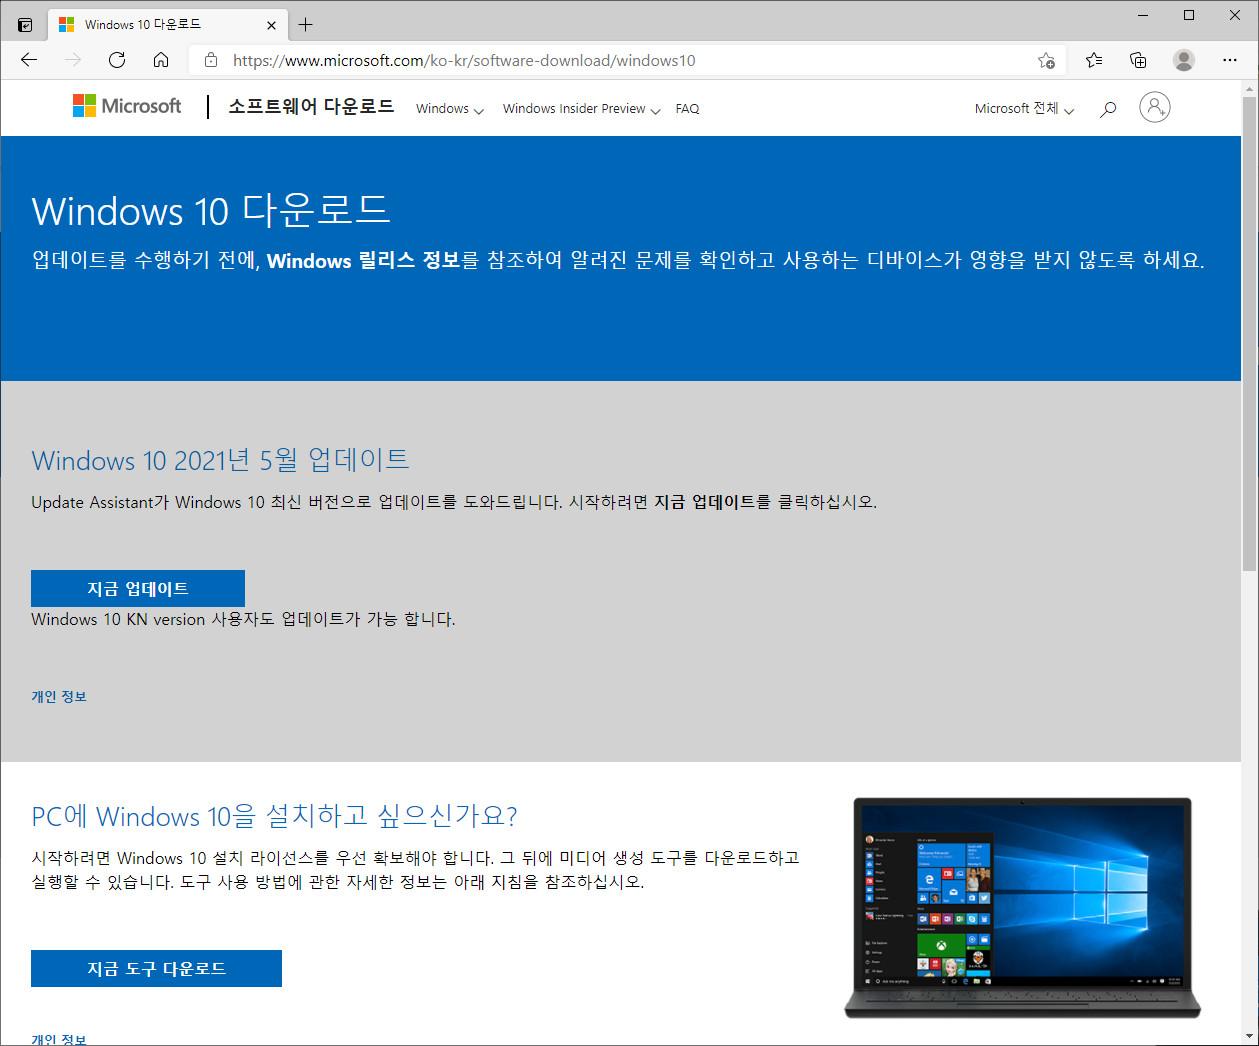 Windows 10 버전 21H1 오늘 정식 출시 되었습니다 (Windows 10 2021년 5월 업데이트) 2021-05-19_032757.jpg